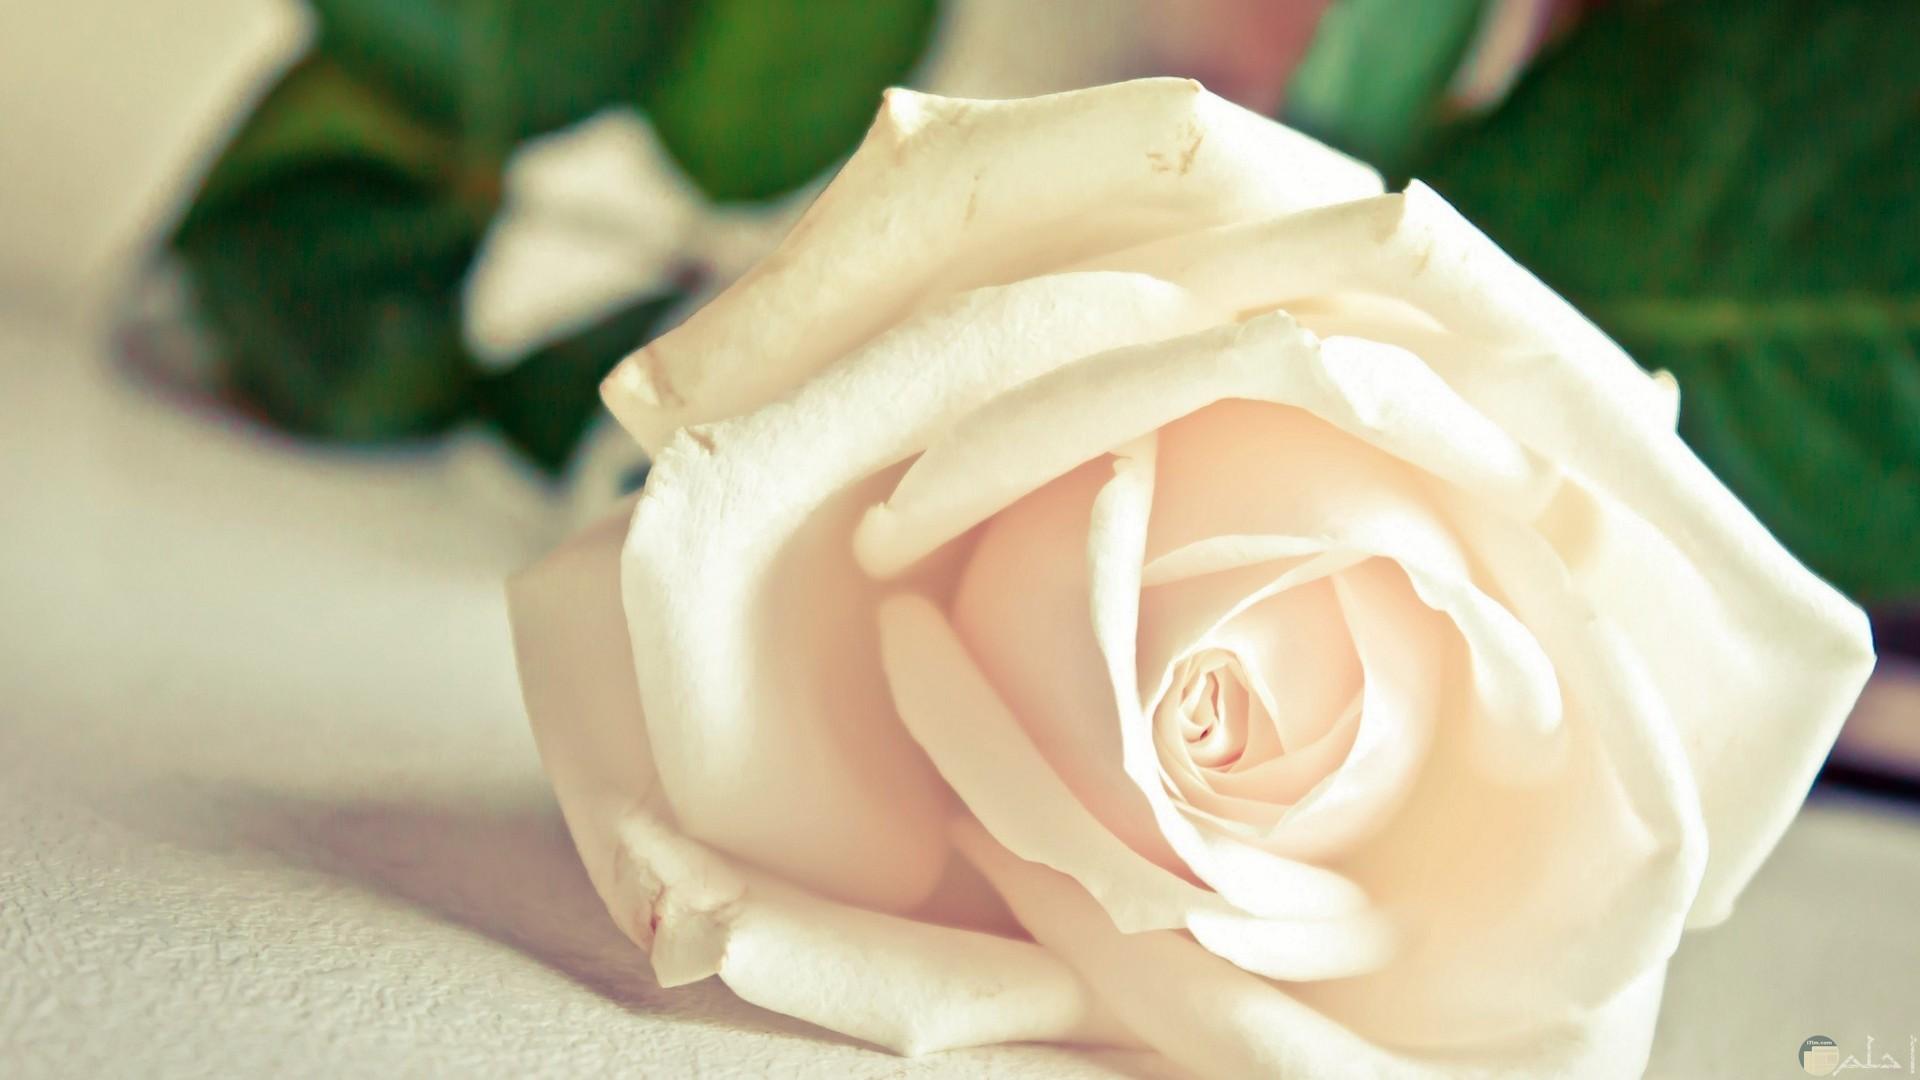 وردة بيضاء رقيقة جداً